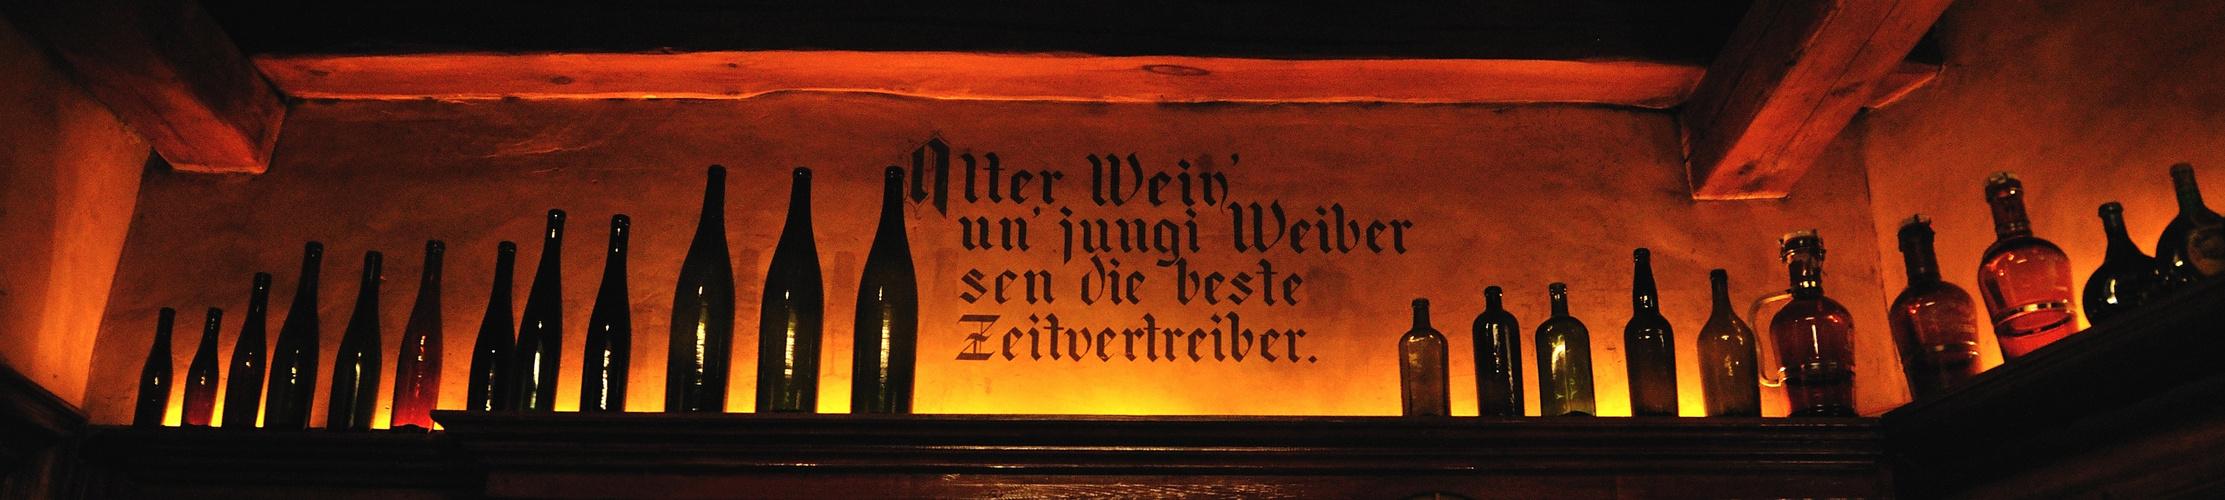 Alter Wein' un' jungi Weiber...